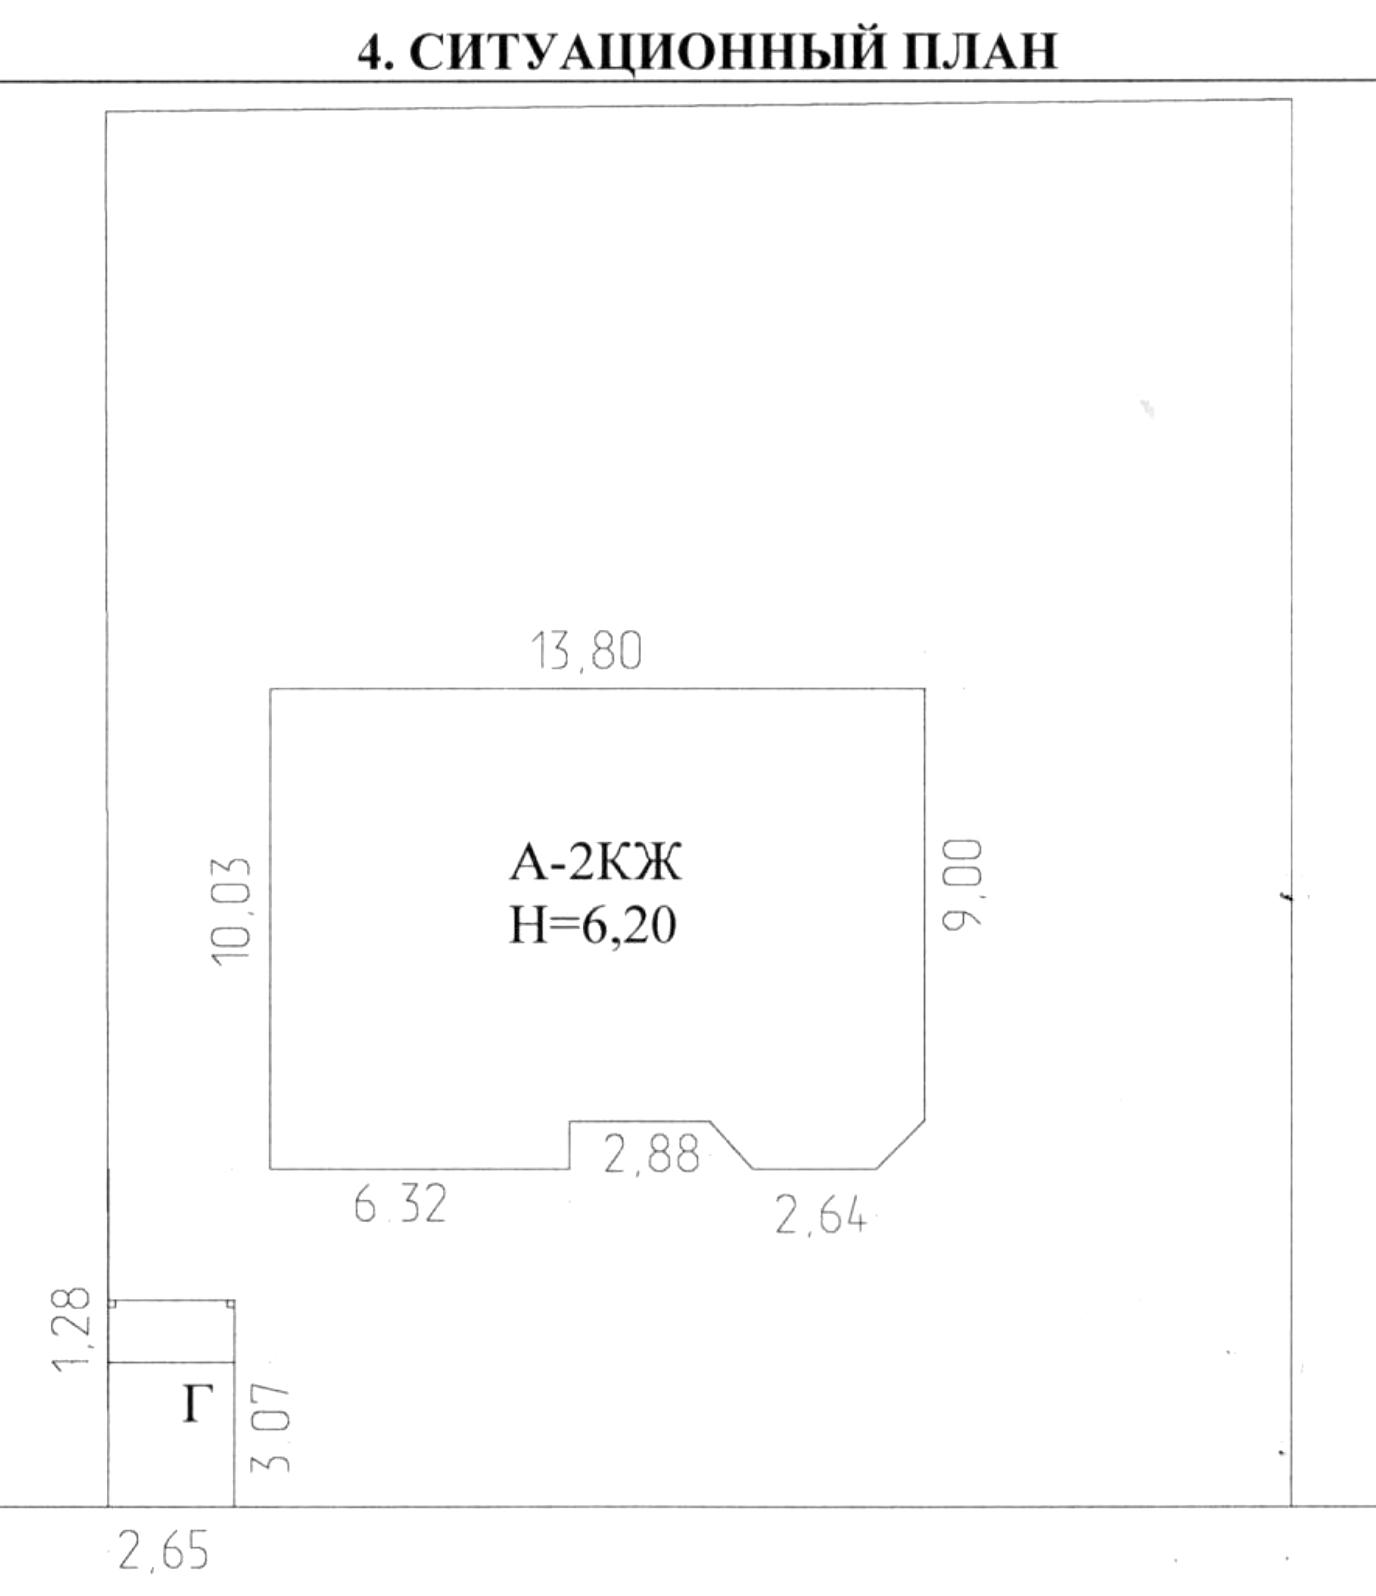 план участка 14 родное лесная поляна кемерово